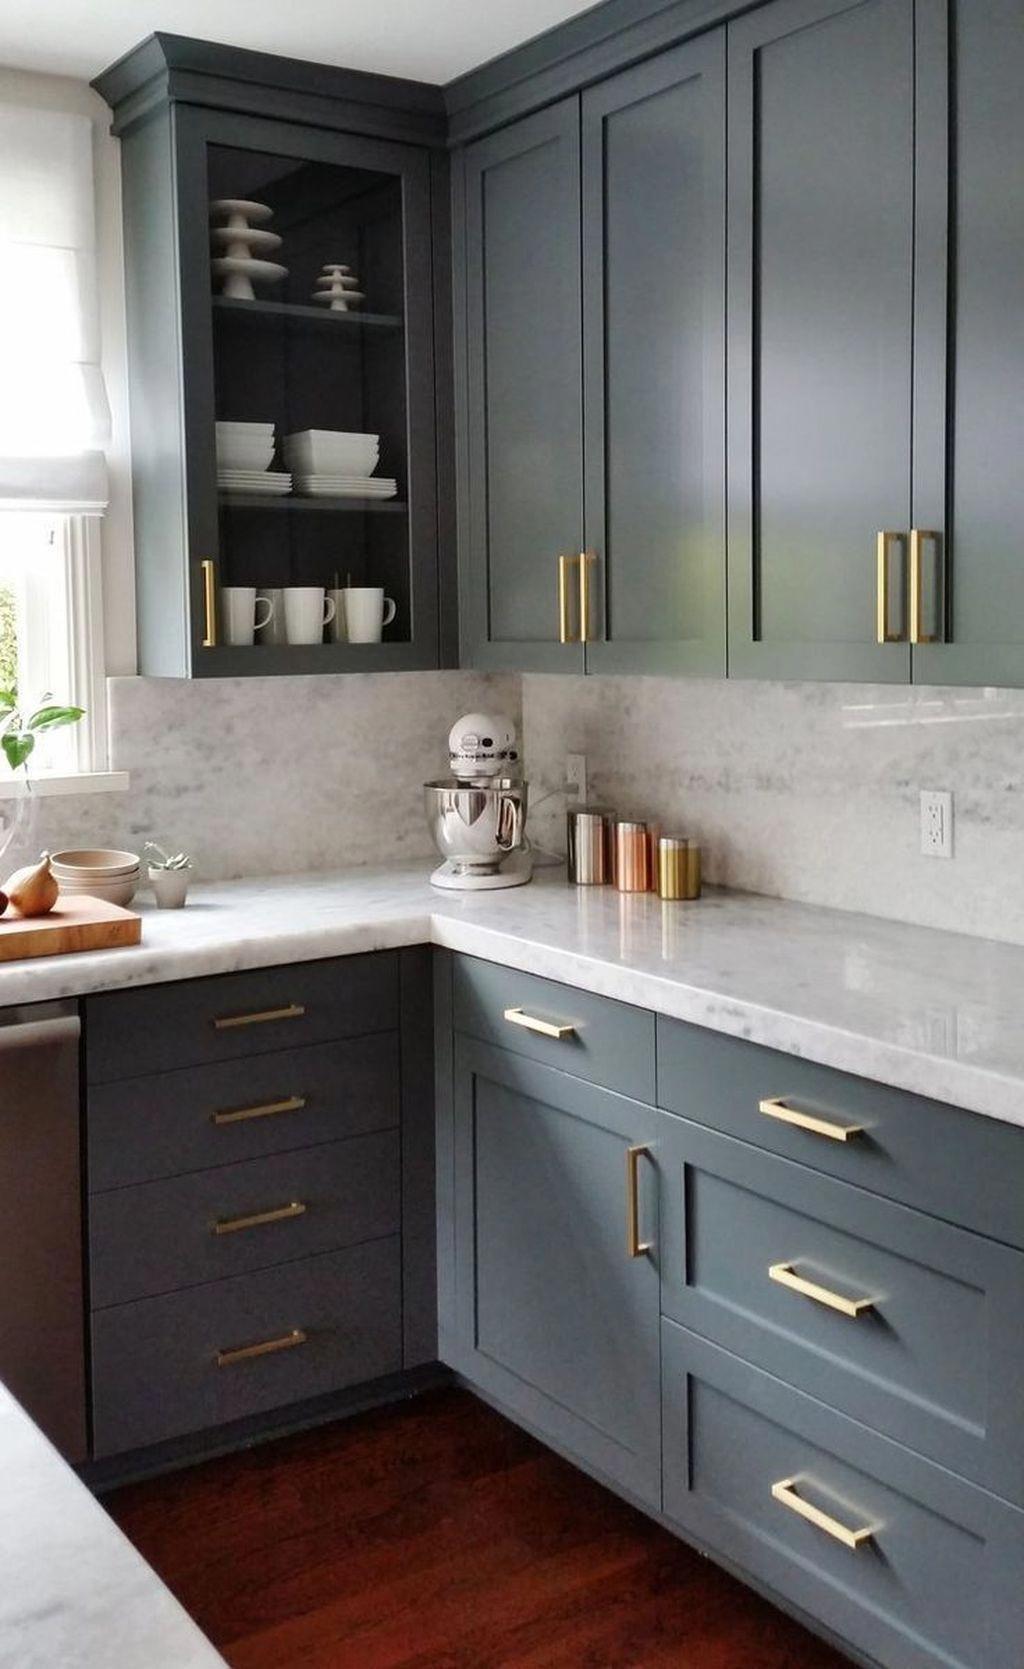 Account Suspended In 2020 Grey Kitchen Designs Kitchen Cabinet Design Interior Design Kitchen